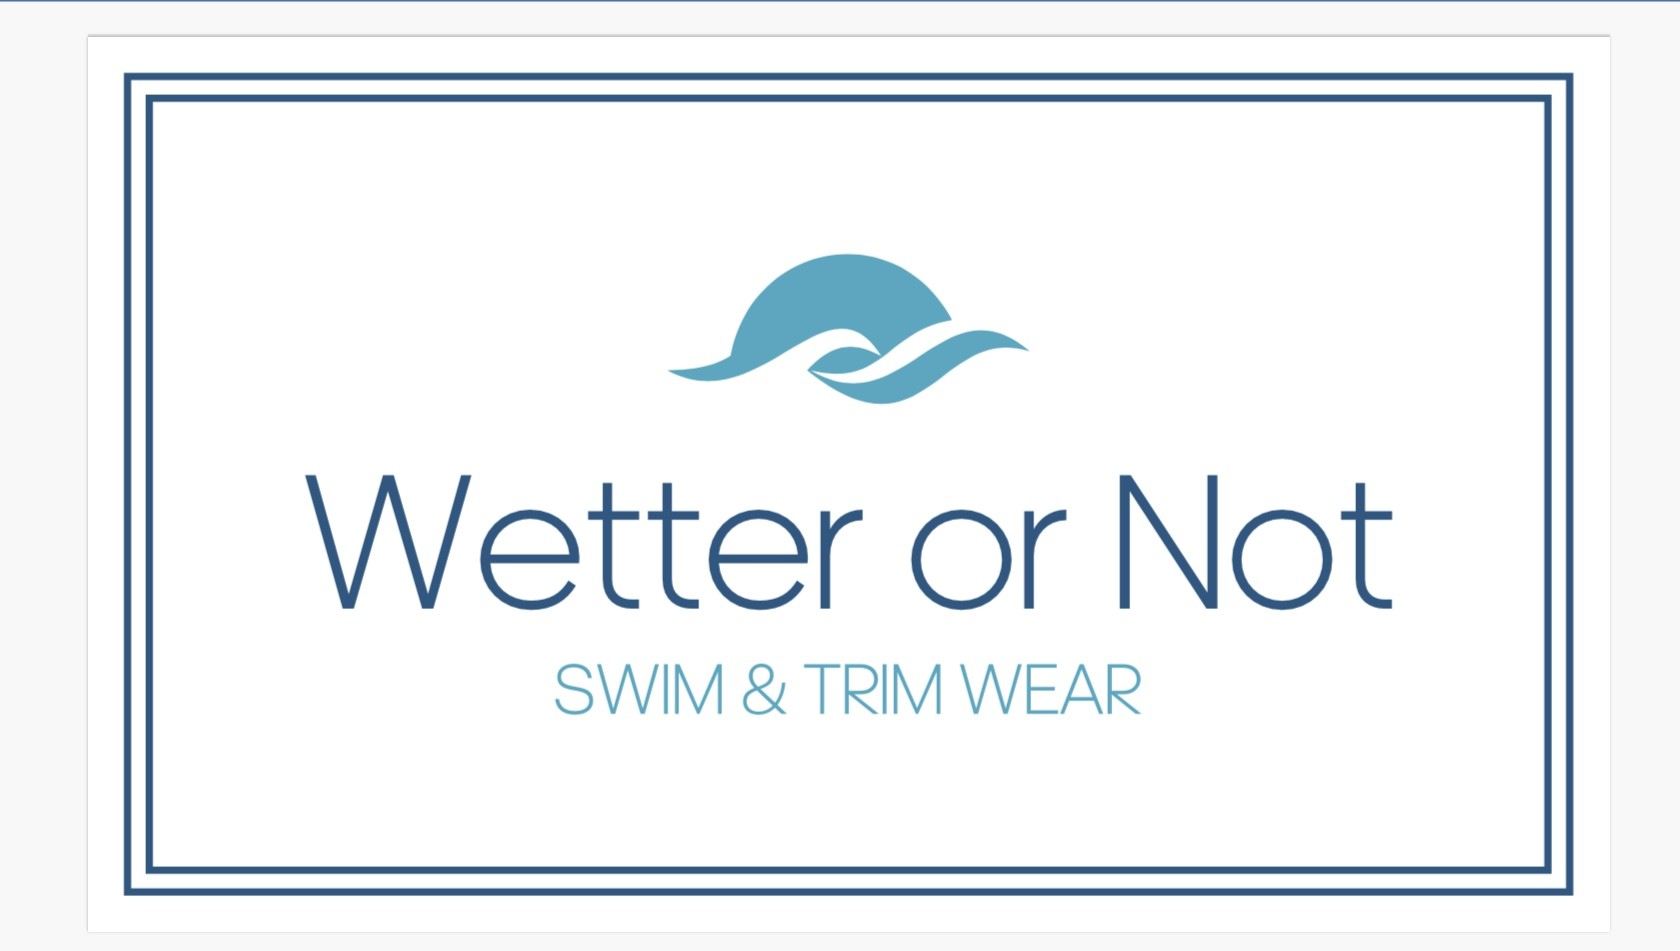 wetter or not logo